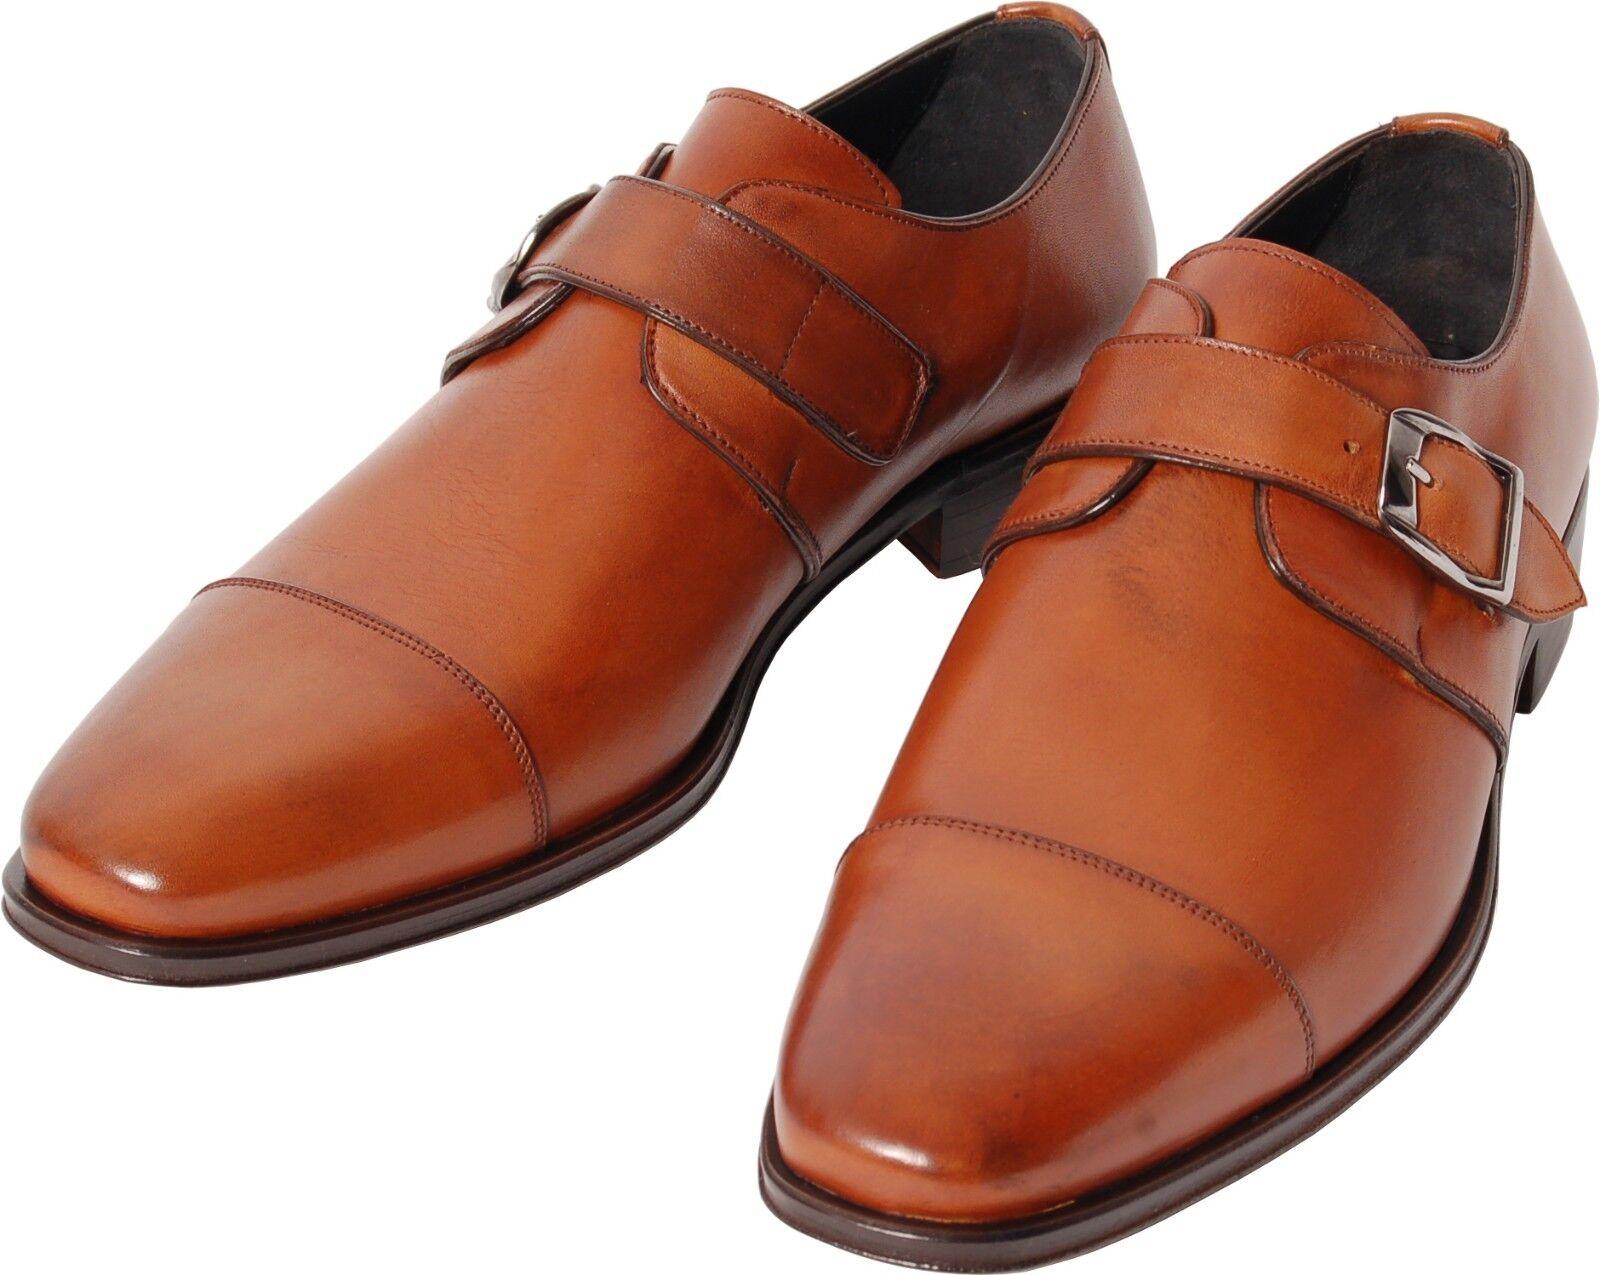 ACC   Fait Main   Italien Boucles Chaussure   Monkstrap   506 M